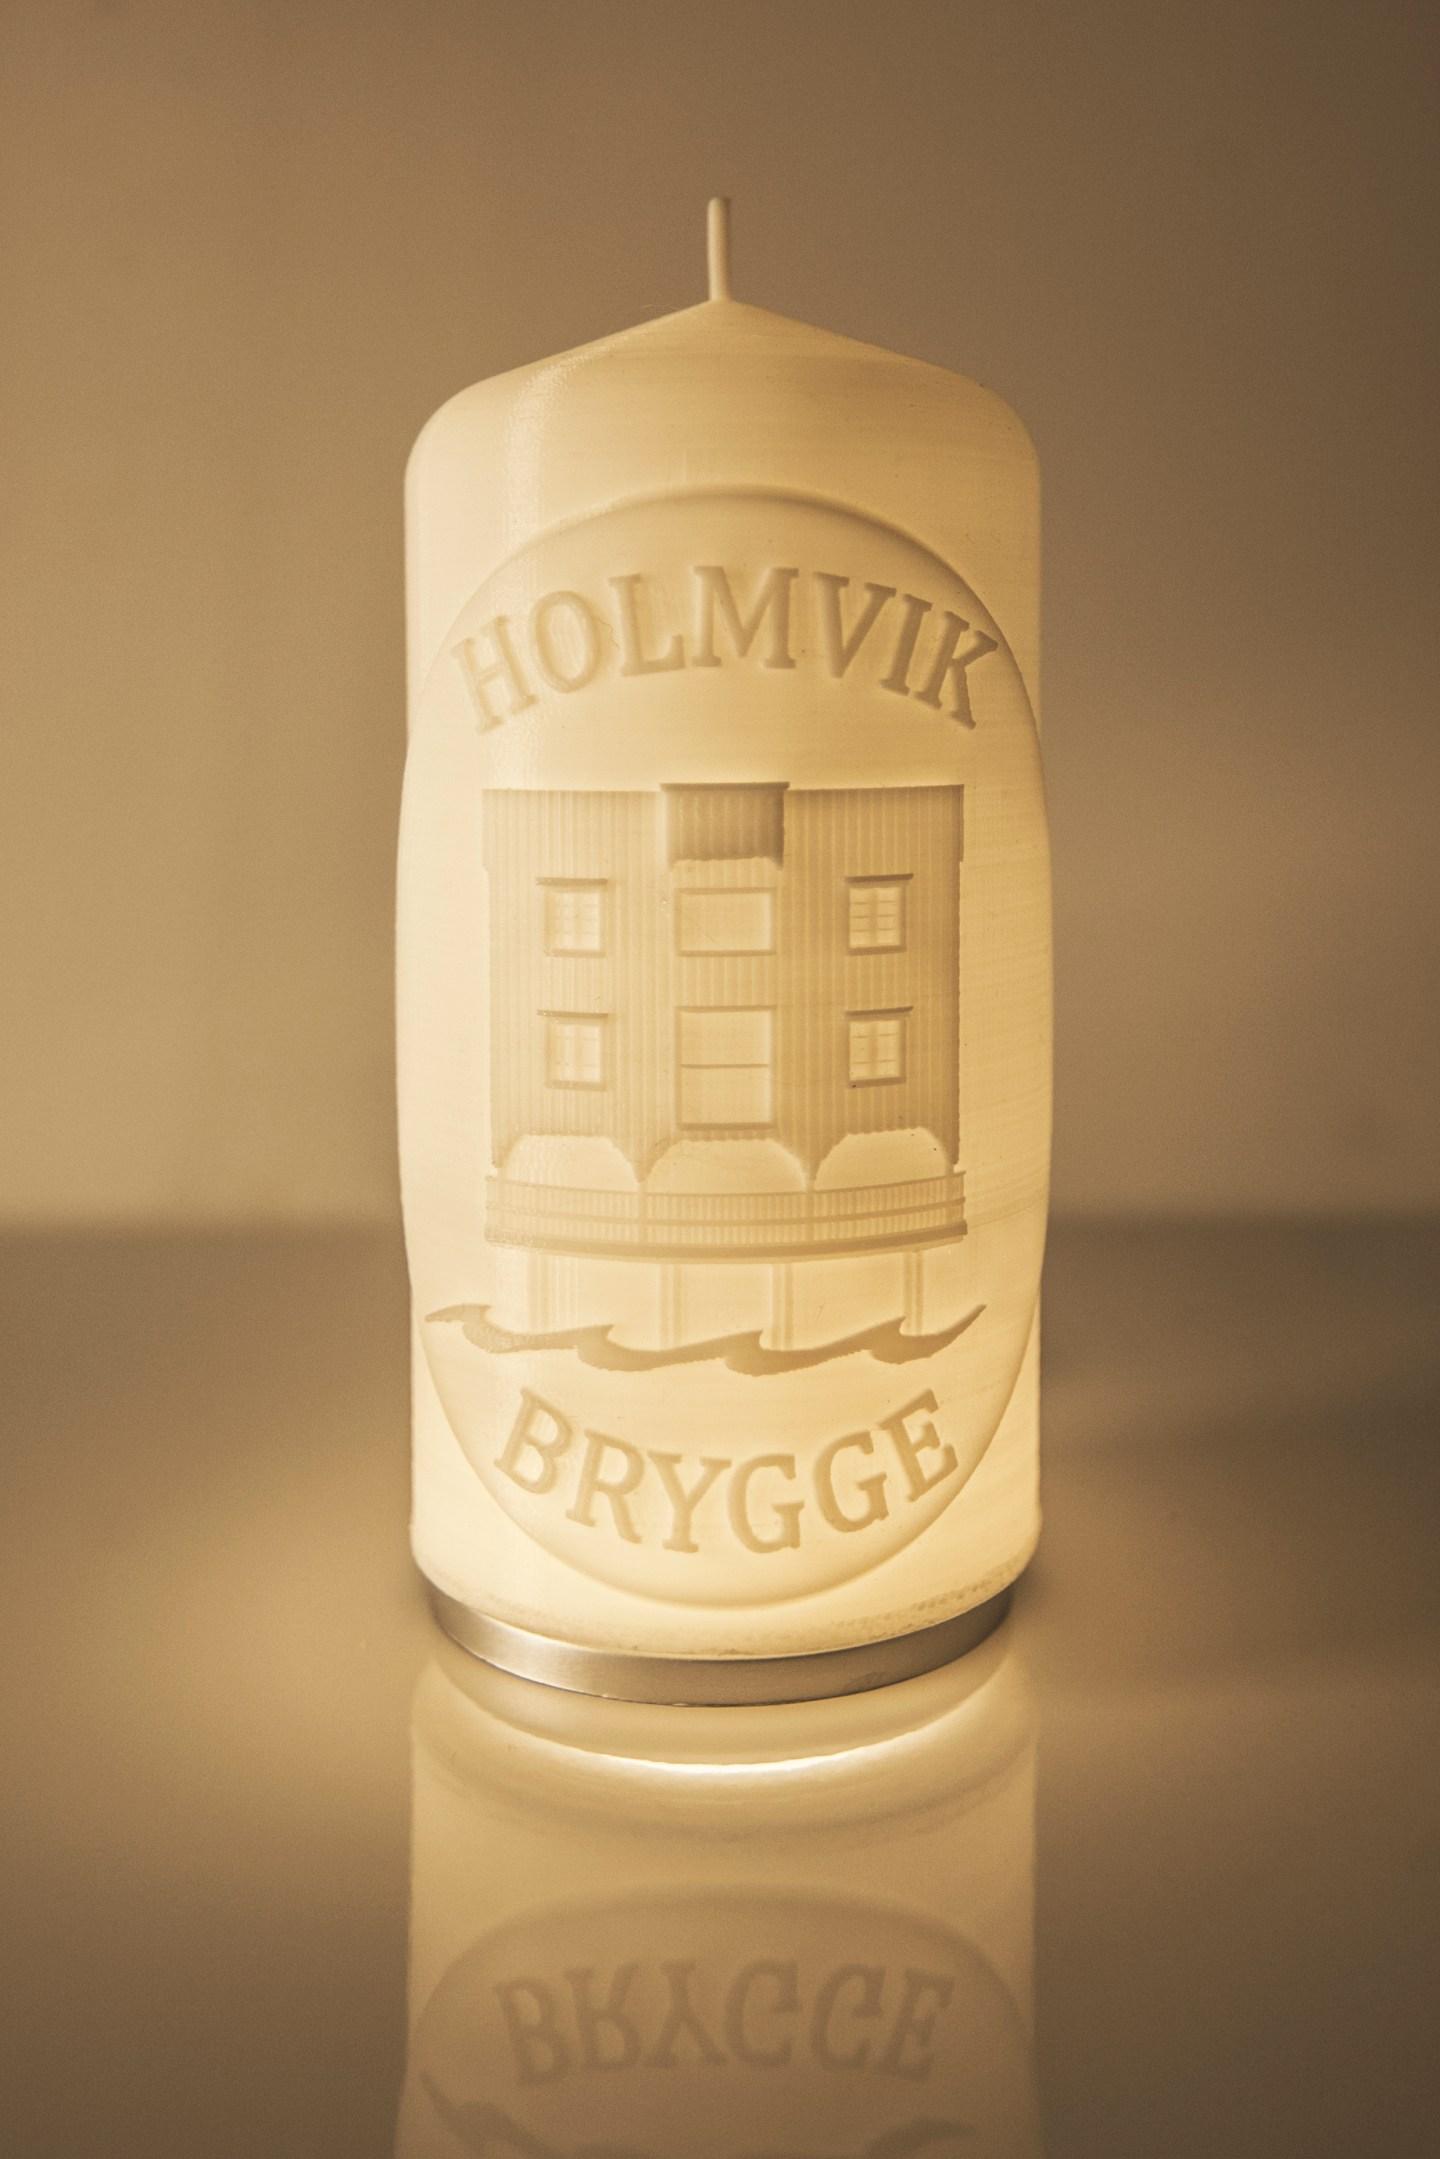 Holmvik Candle | 3d Print | Design for Holmvik Brygge Nyksund | 2016 | Marc Ihle